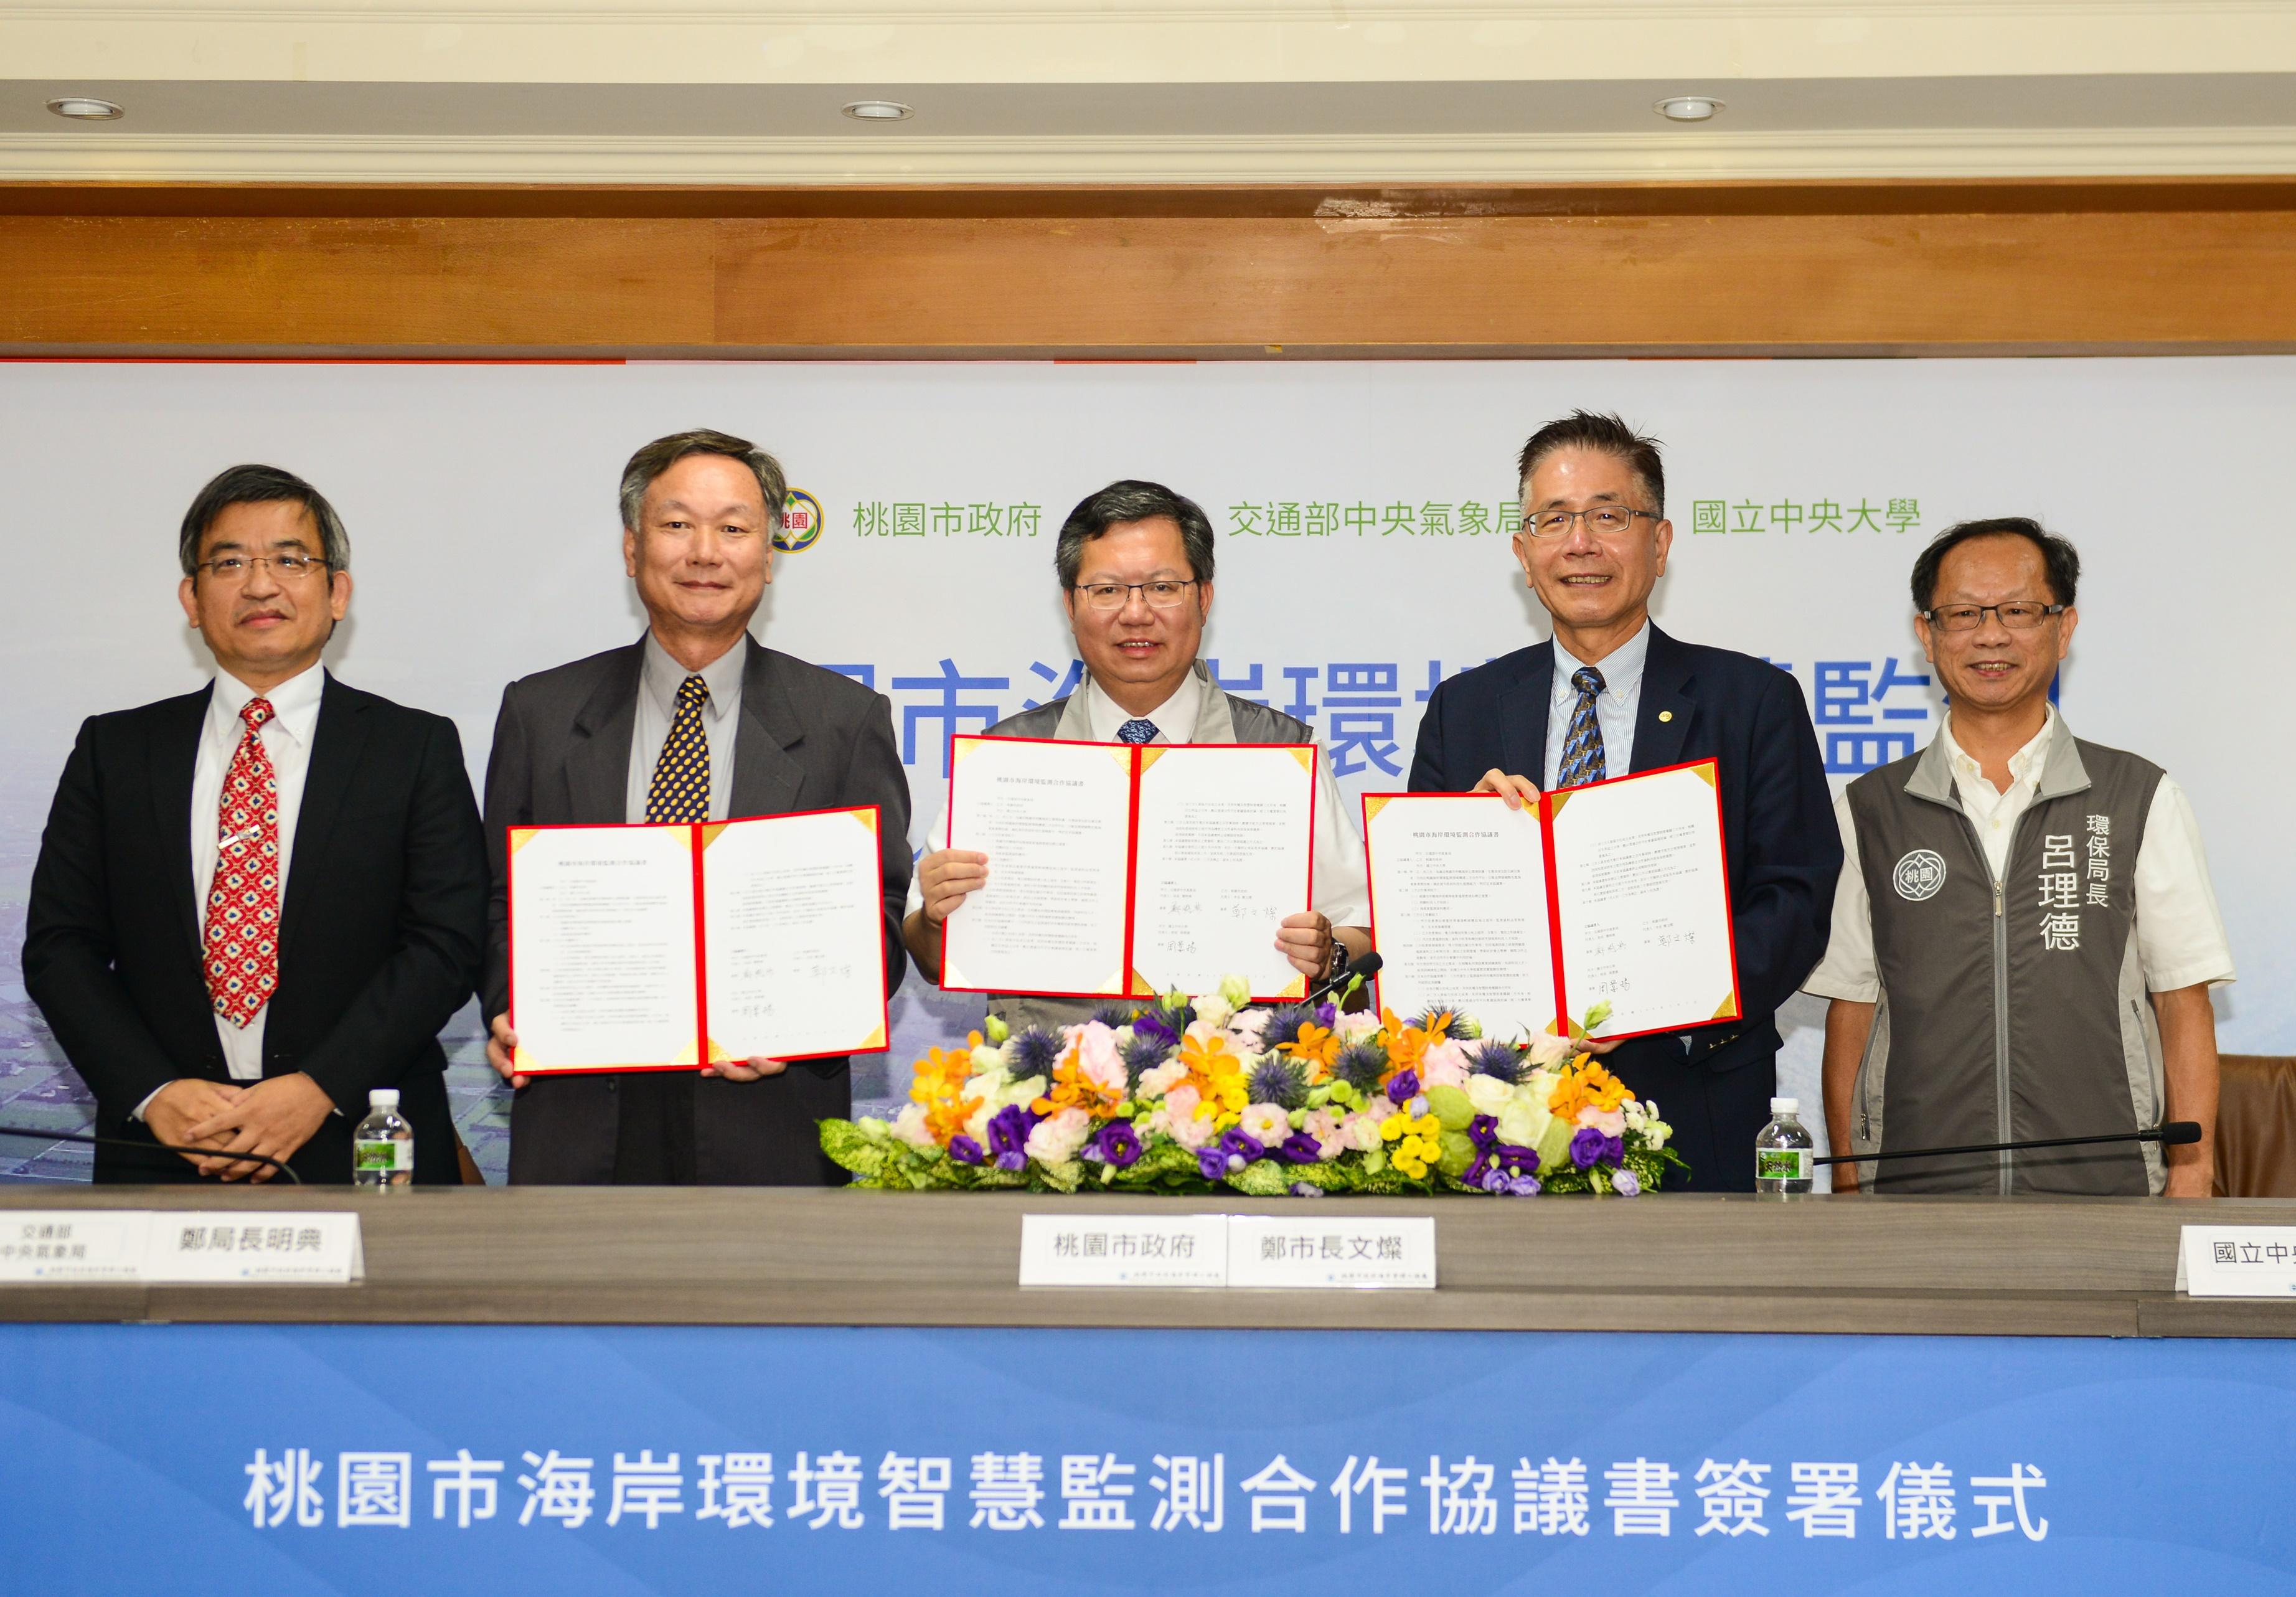 桃園市政府、中央氣象局及中央大學三方共同簽署 「桃園市海岸環境監測合作協議書」